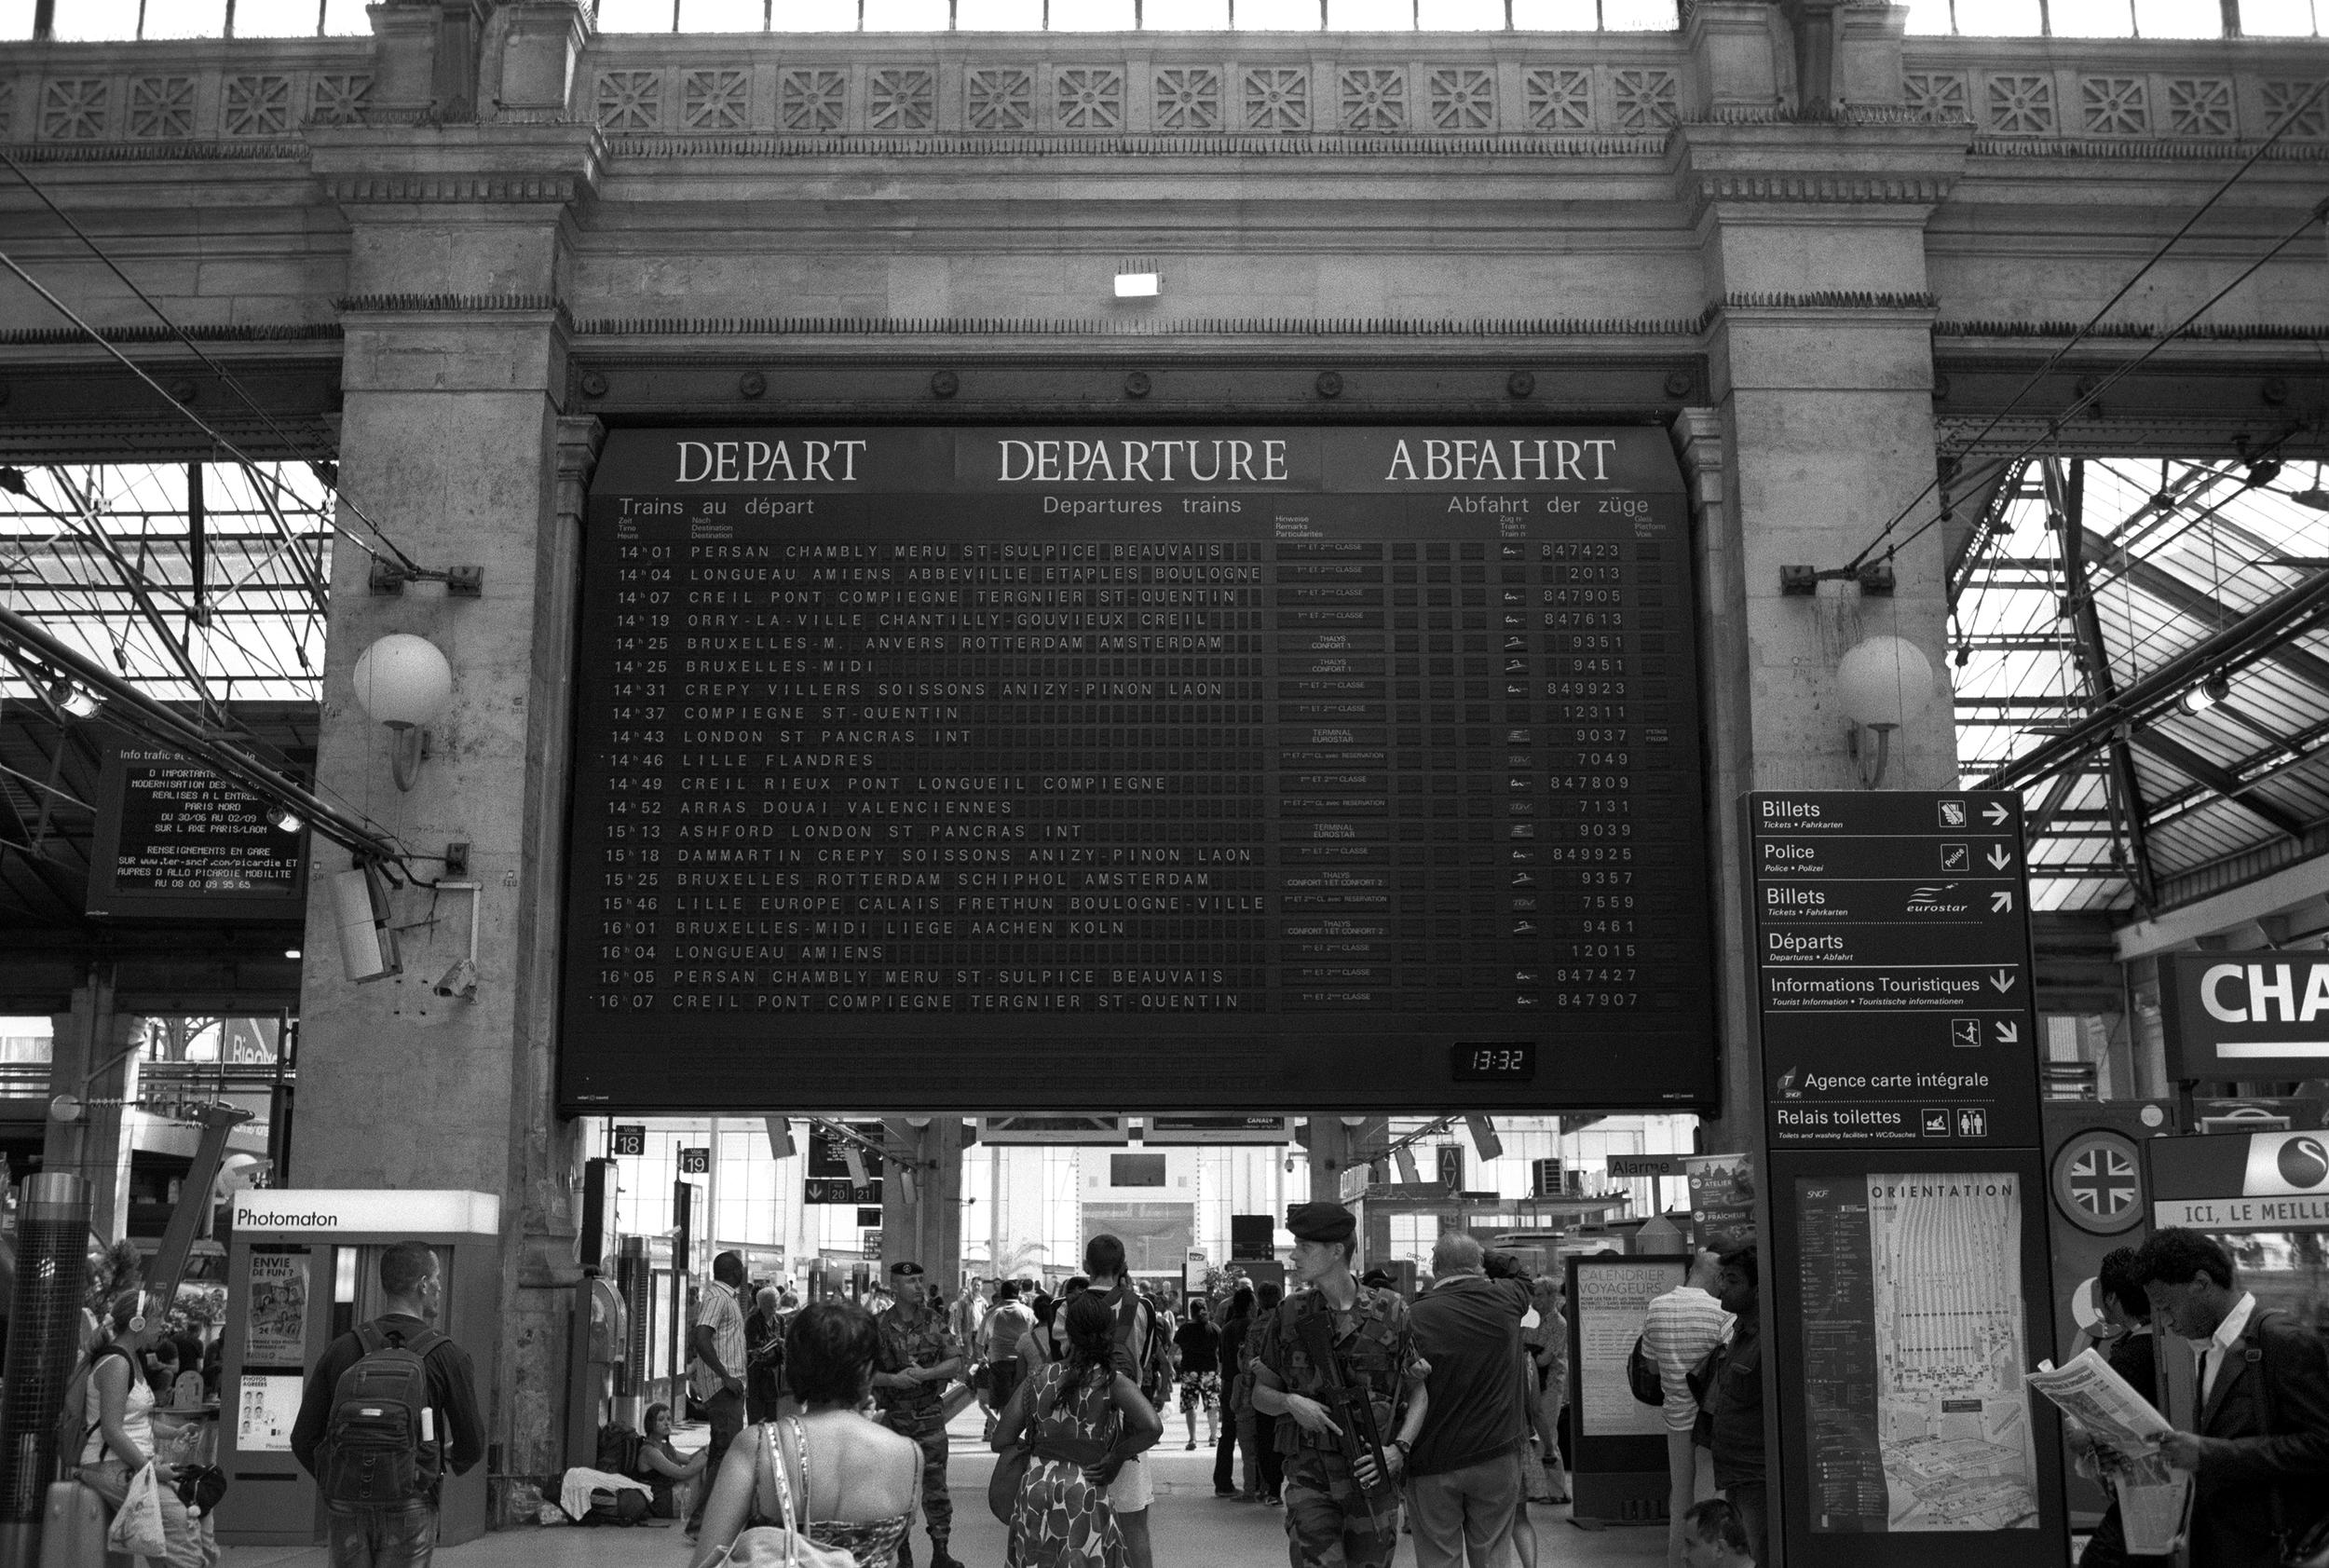 Depart-Departure-Abfahrt.jpg